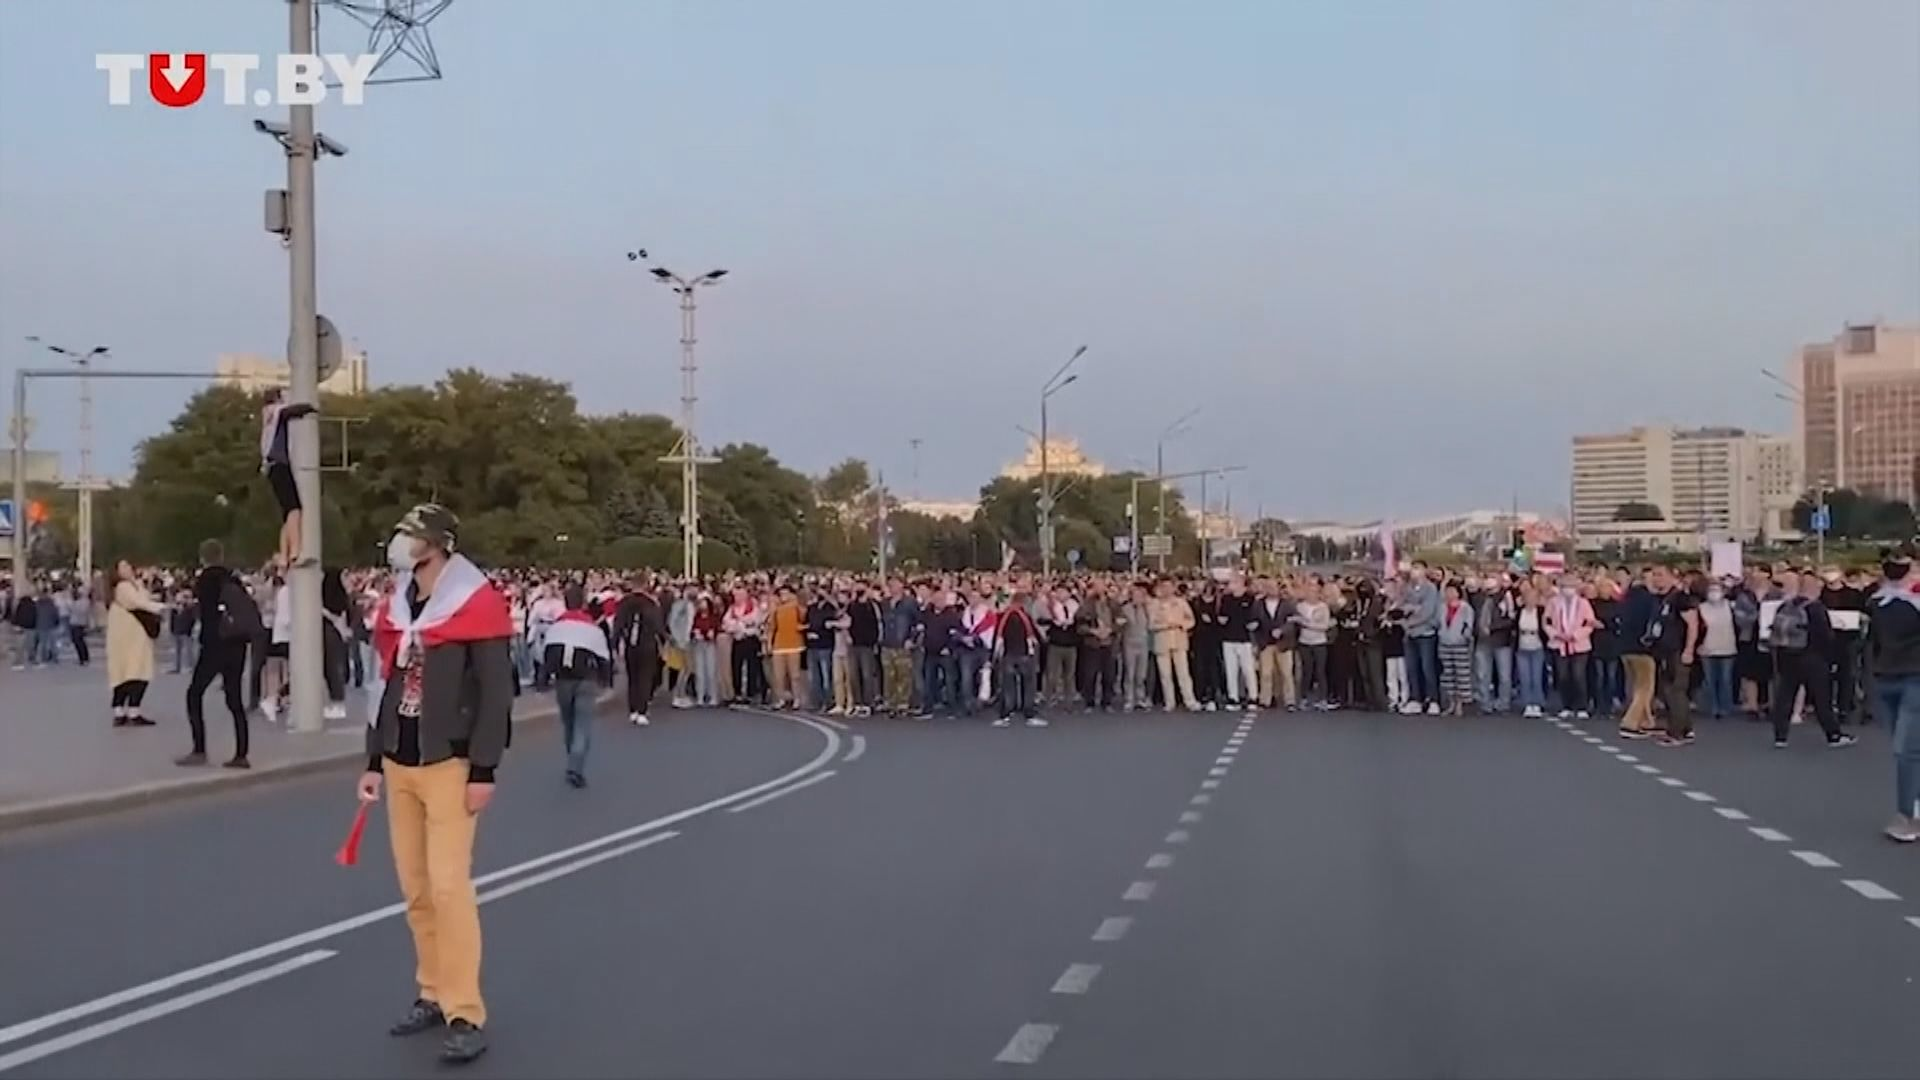 白俄羅斯有示威者抗議盧卡申科無公布下宣誓就職總統